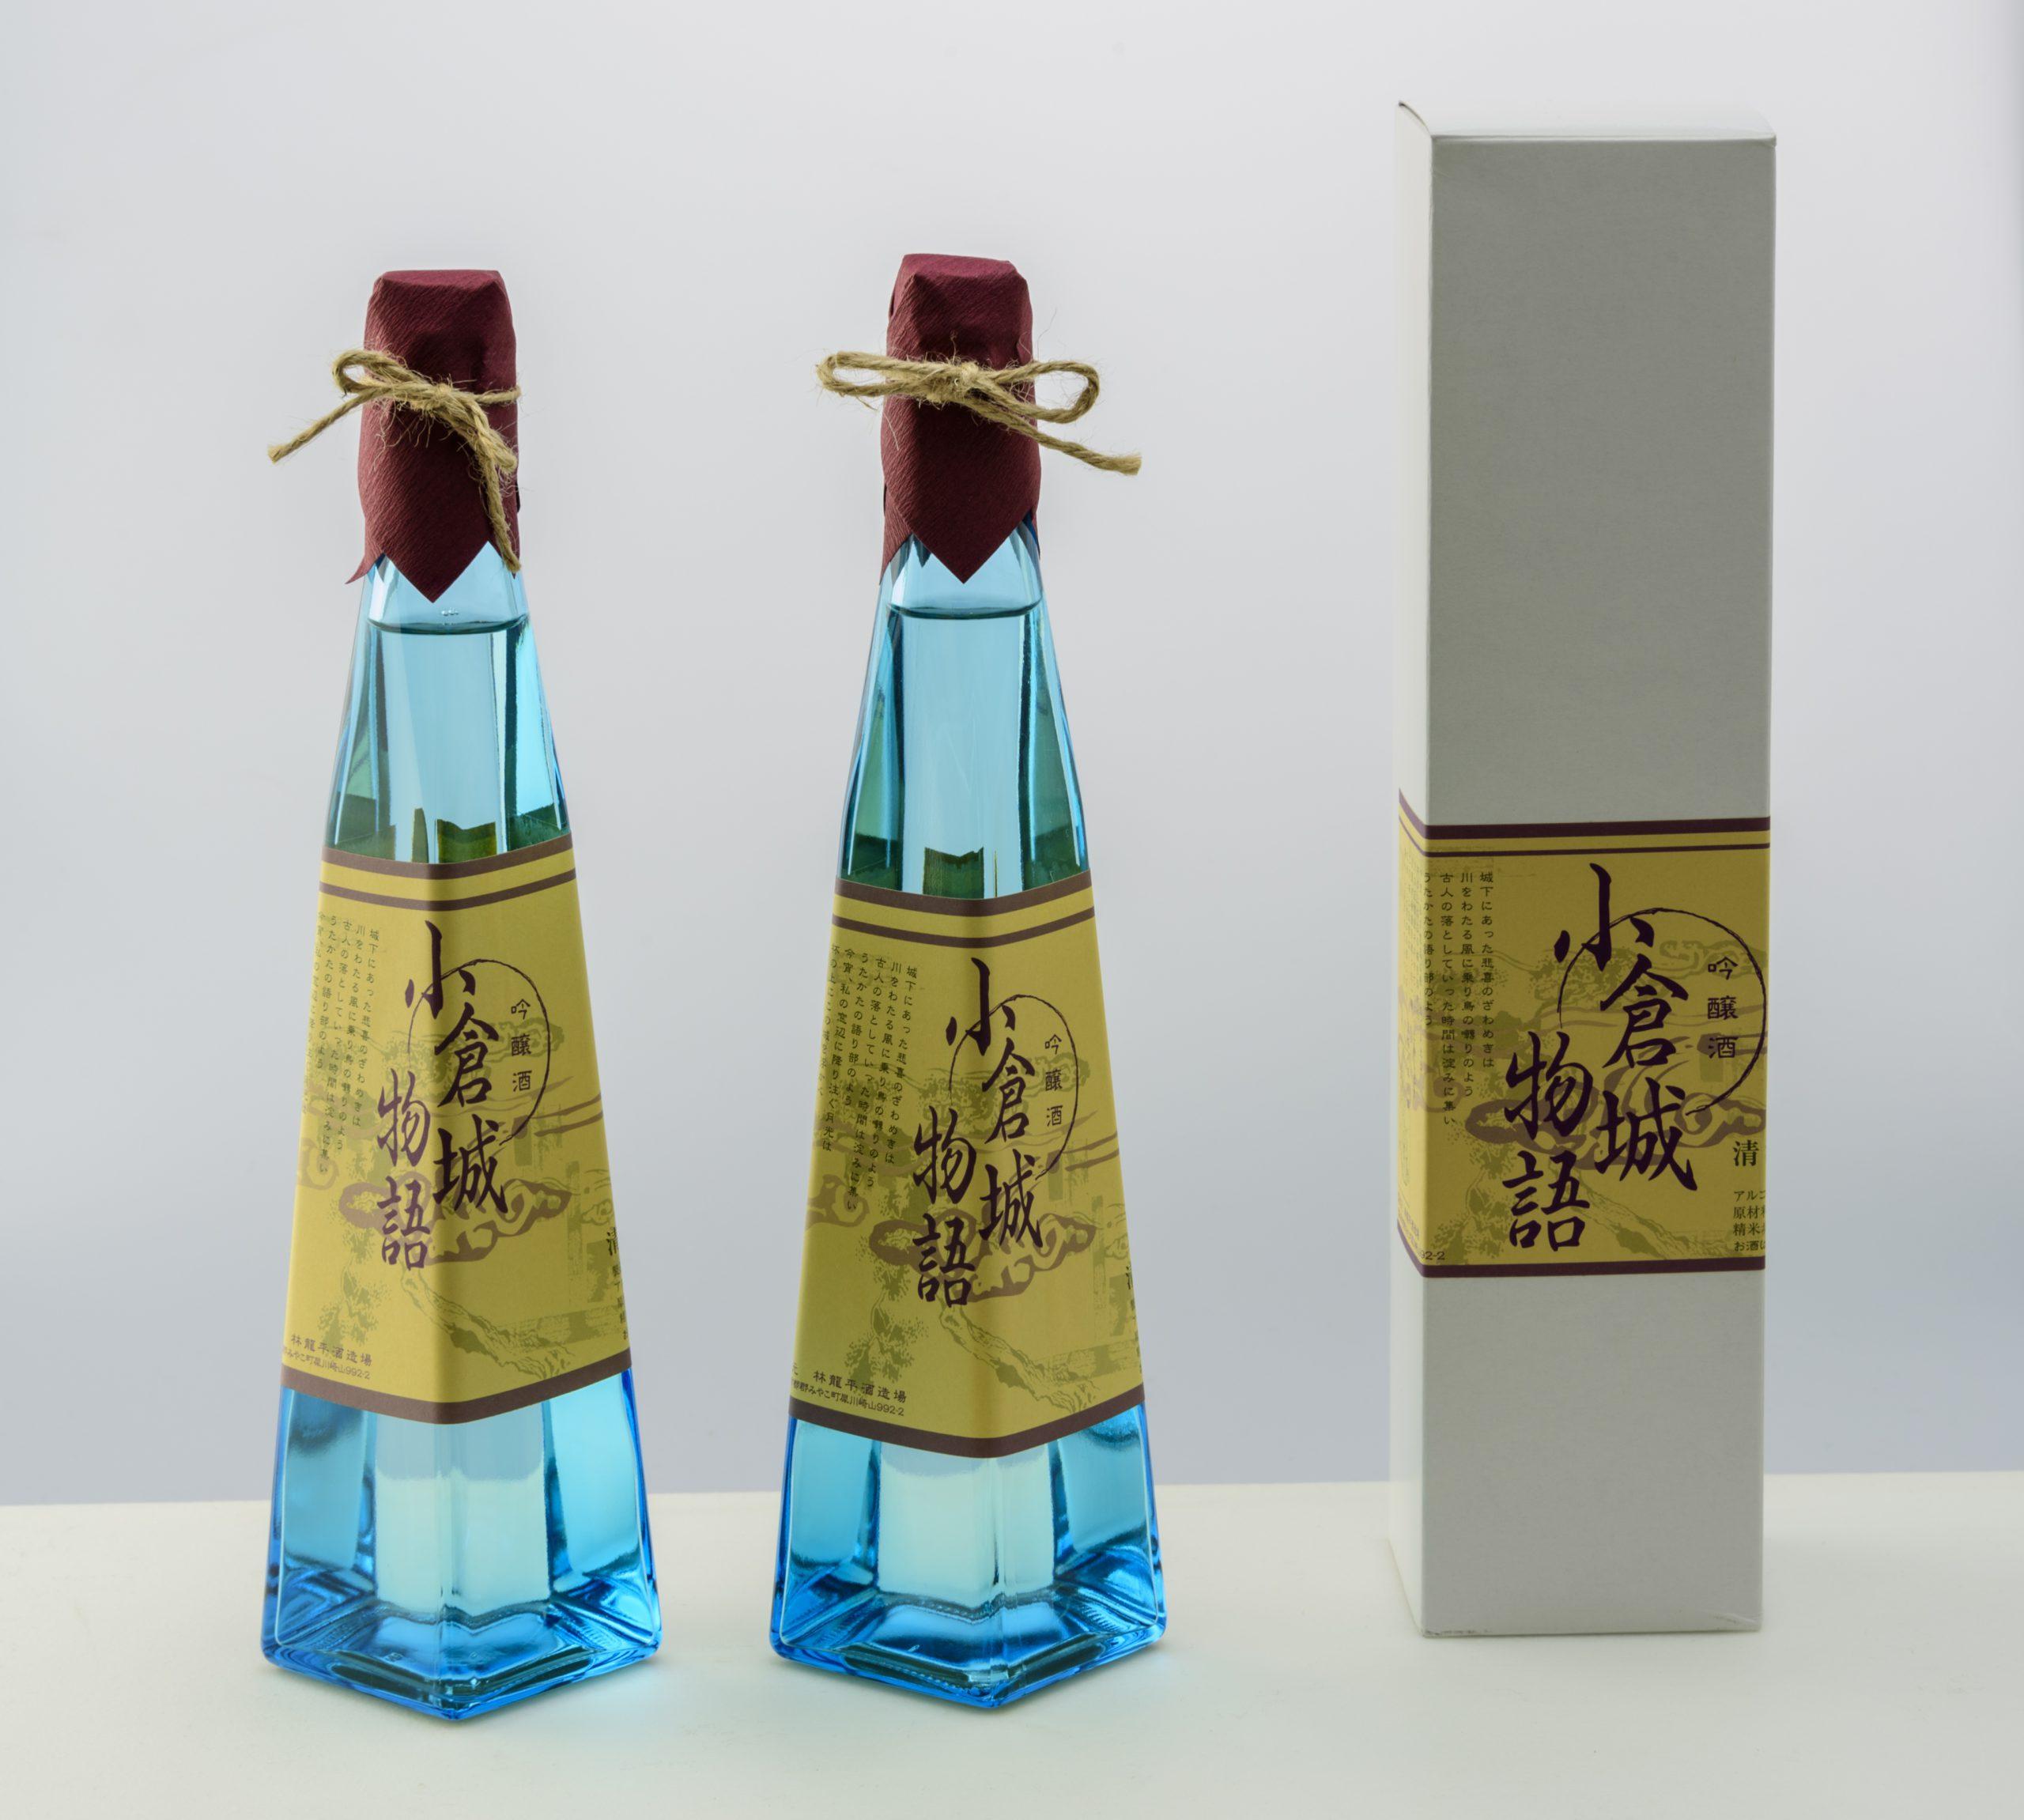 kcta-liquor04